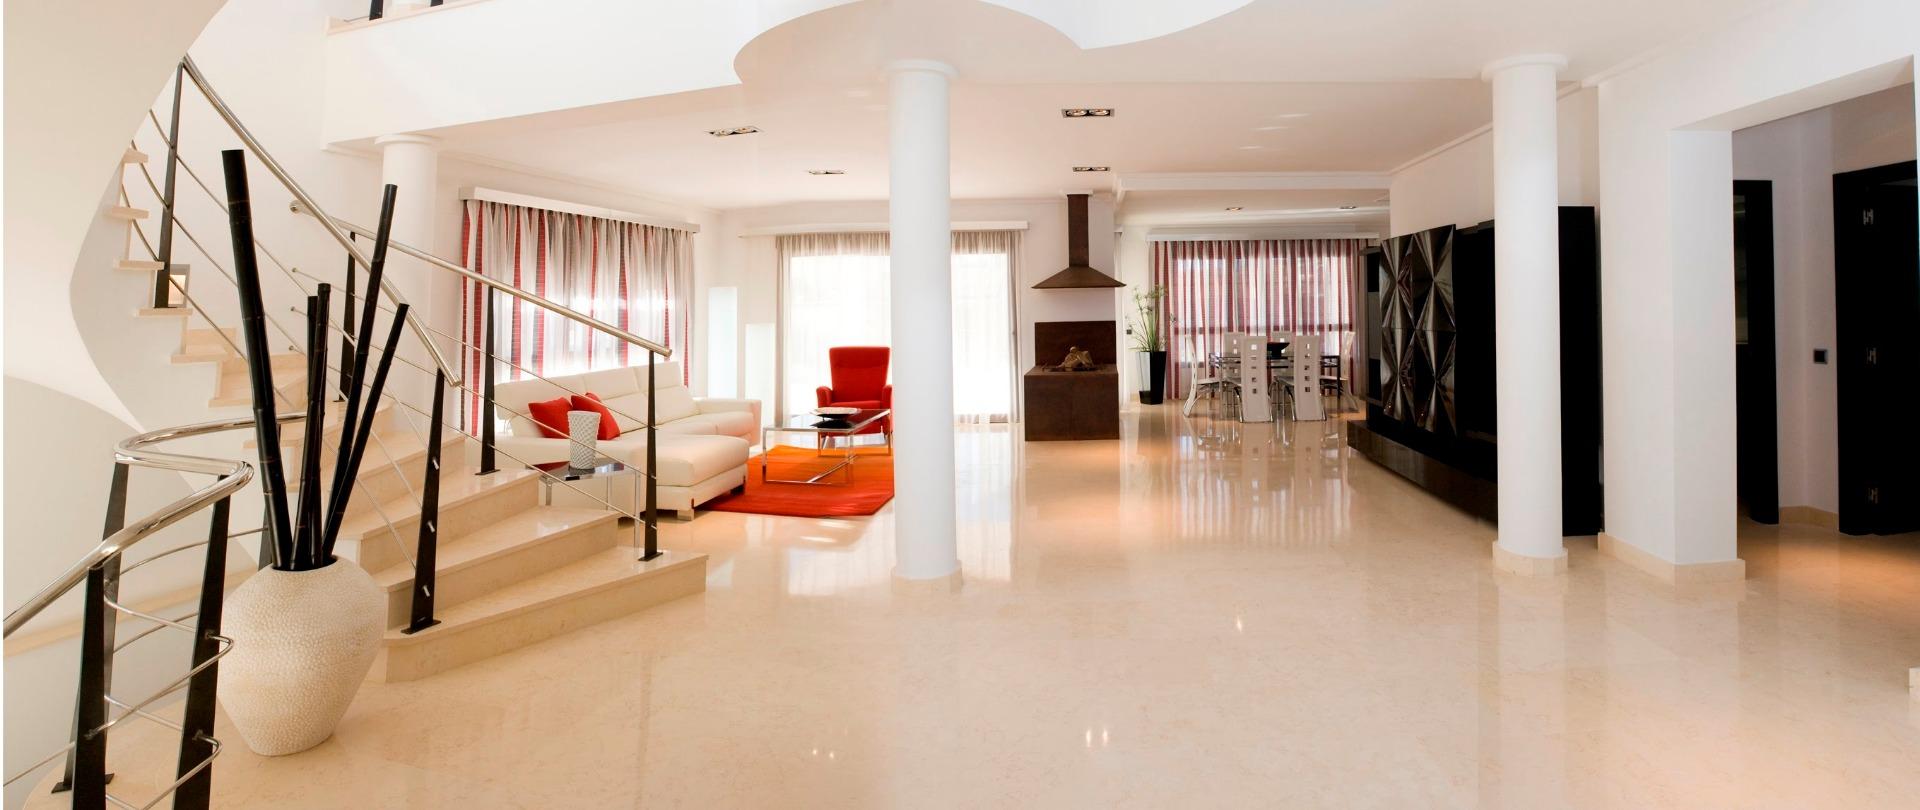 Lloguer Casa  Calle baliza. Excepcional villa contemporánea de 1.095 metros de parcela, situ